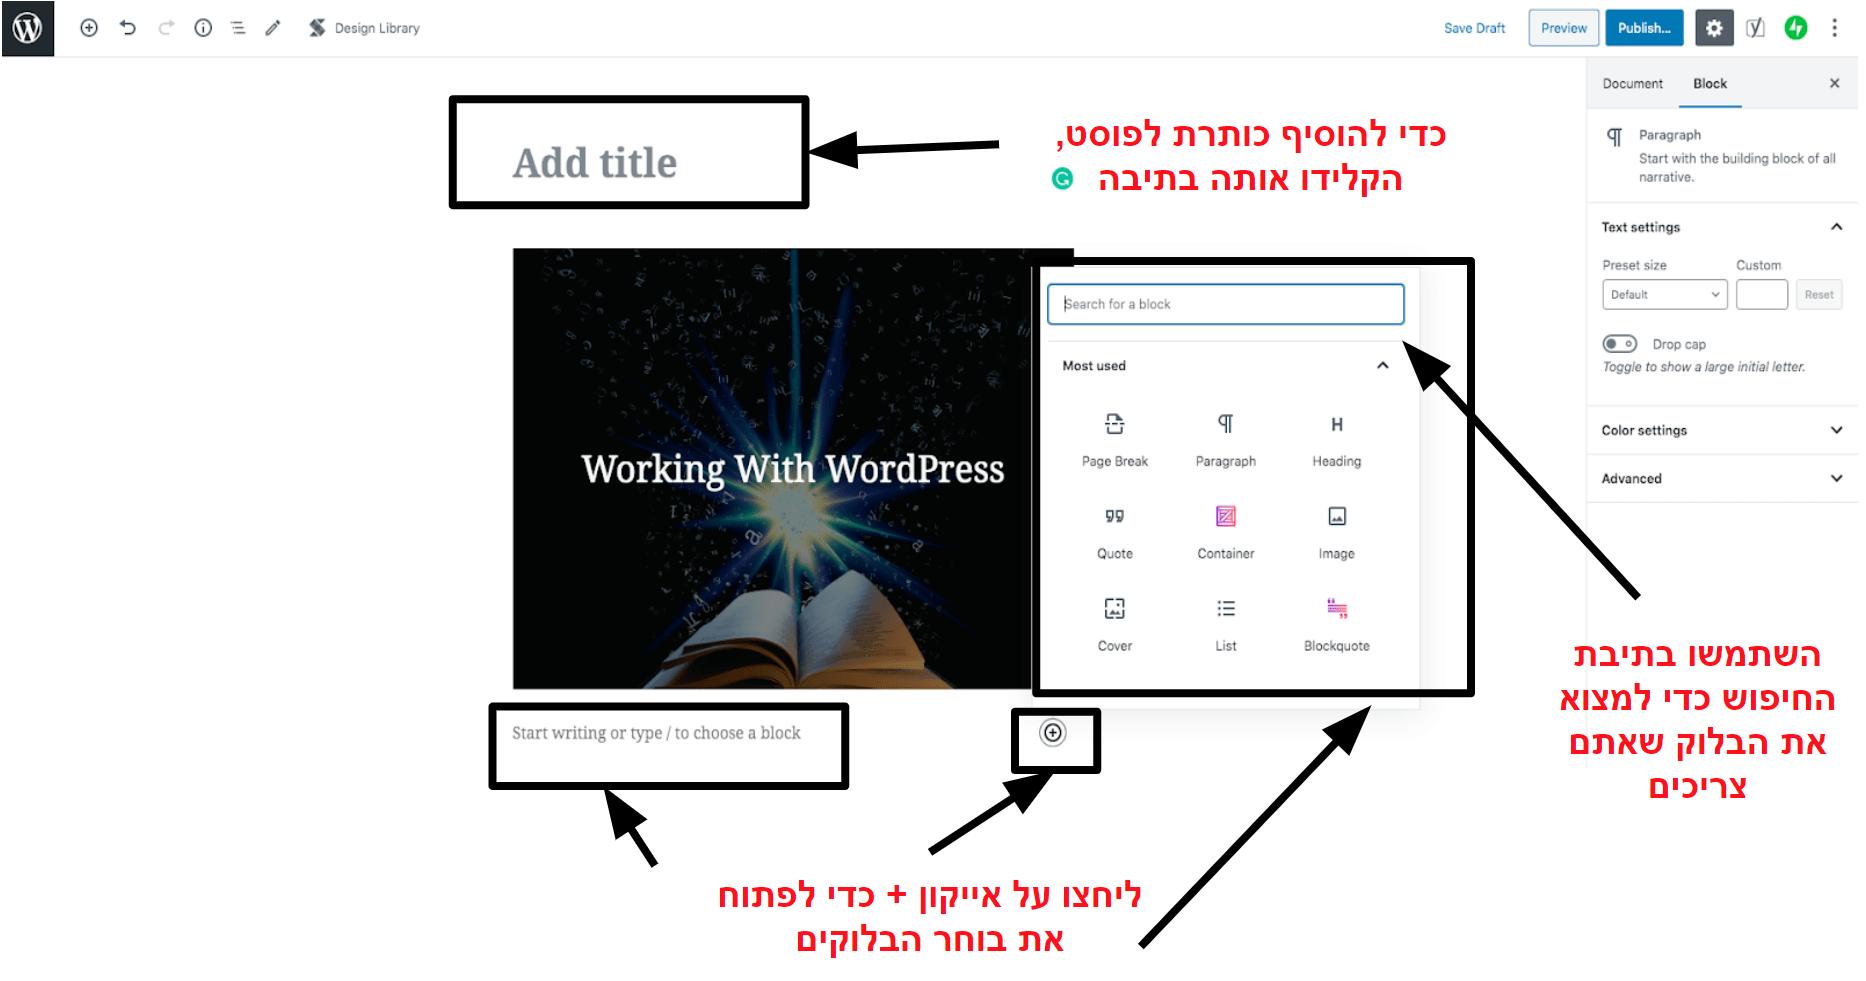 איך לבנות אתר ב-2021: מדריך מלא שלב אחר שלב